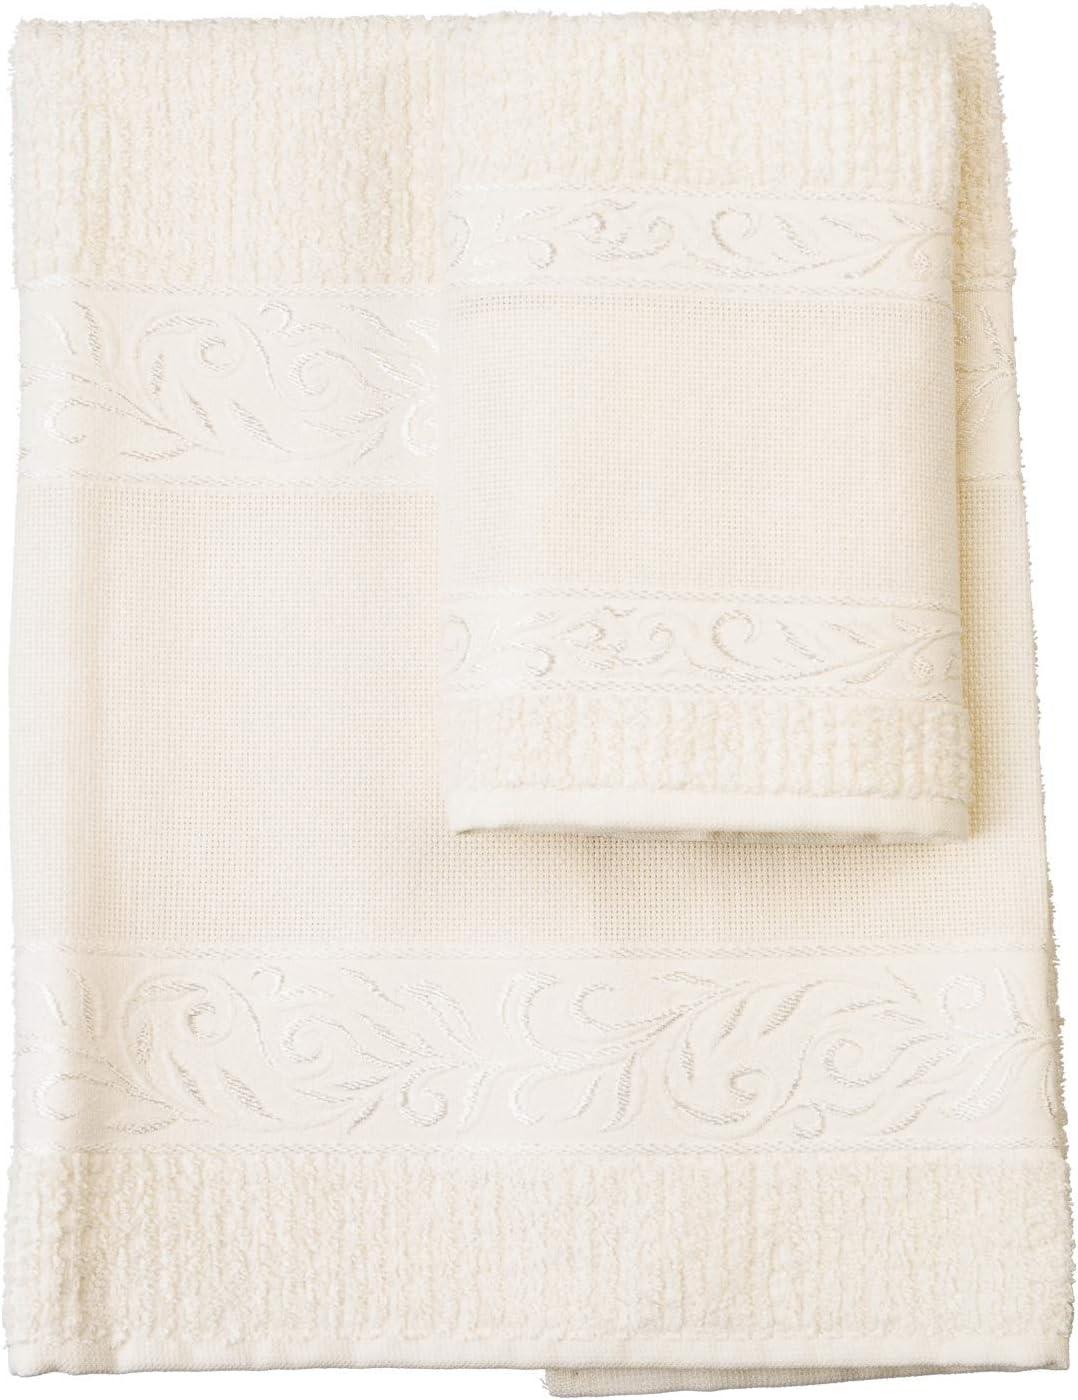 Bianco Set Da Bagno I Asciugamano E Manopola I Morbida Spugna I 100/% Cotone I Prodotto Realizzato In Italia I Per Neonati E Bambini Rosa FILET